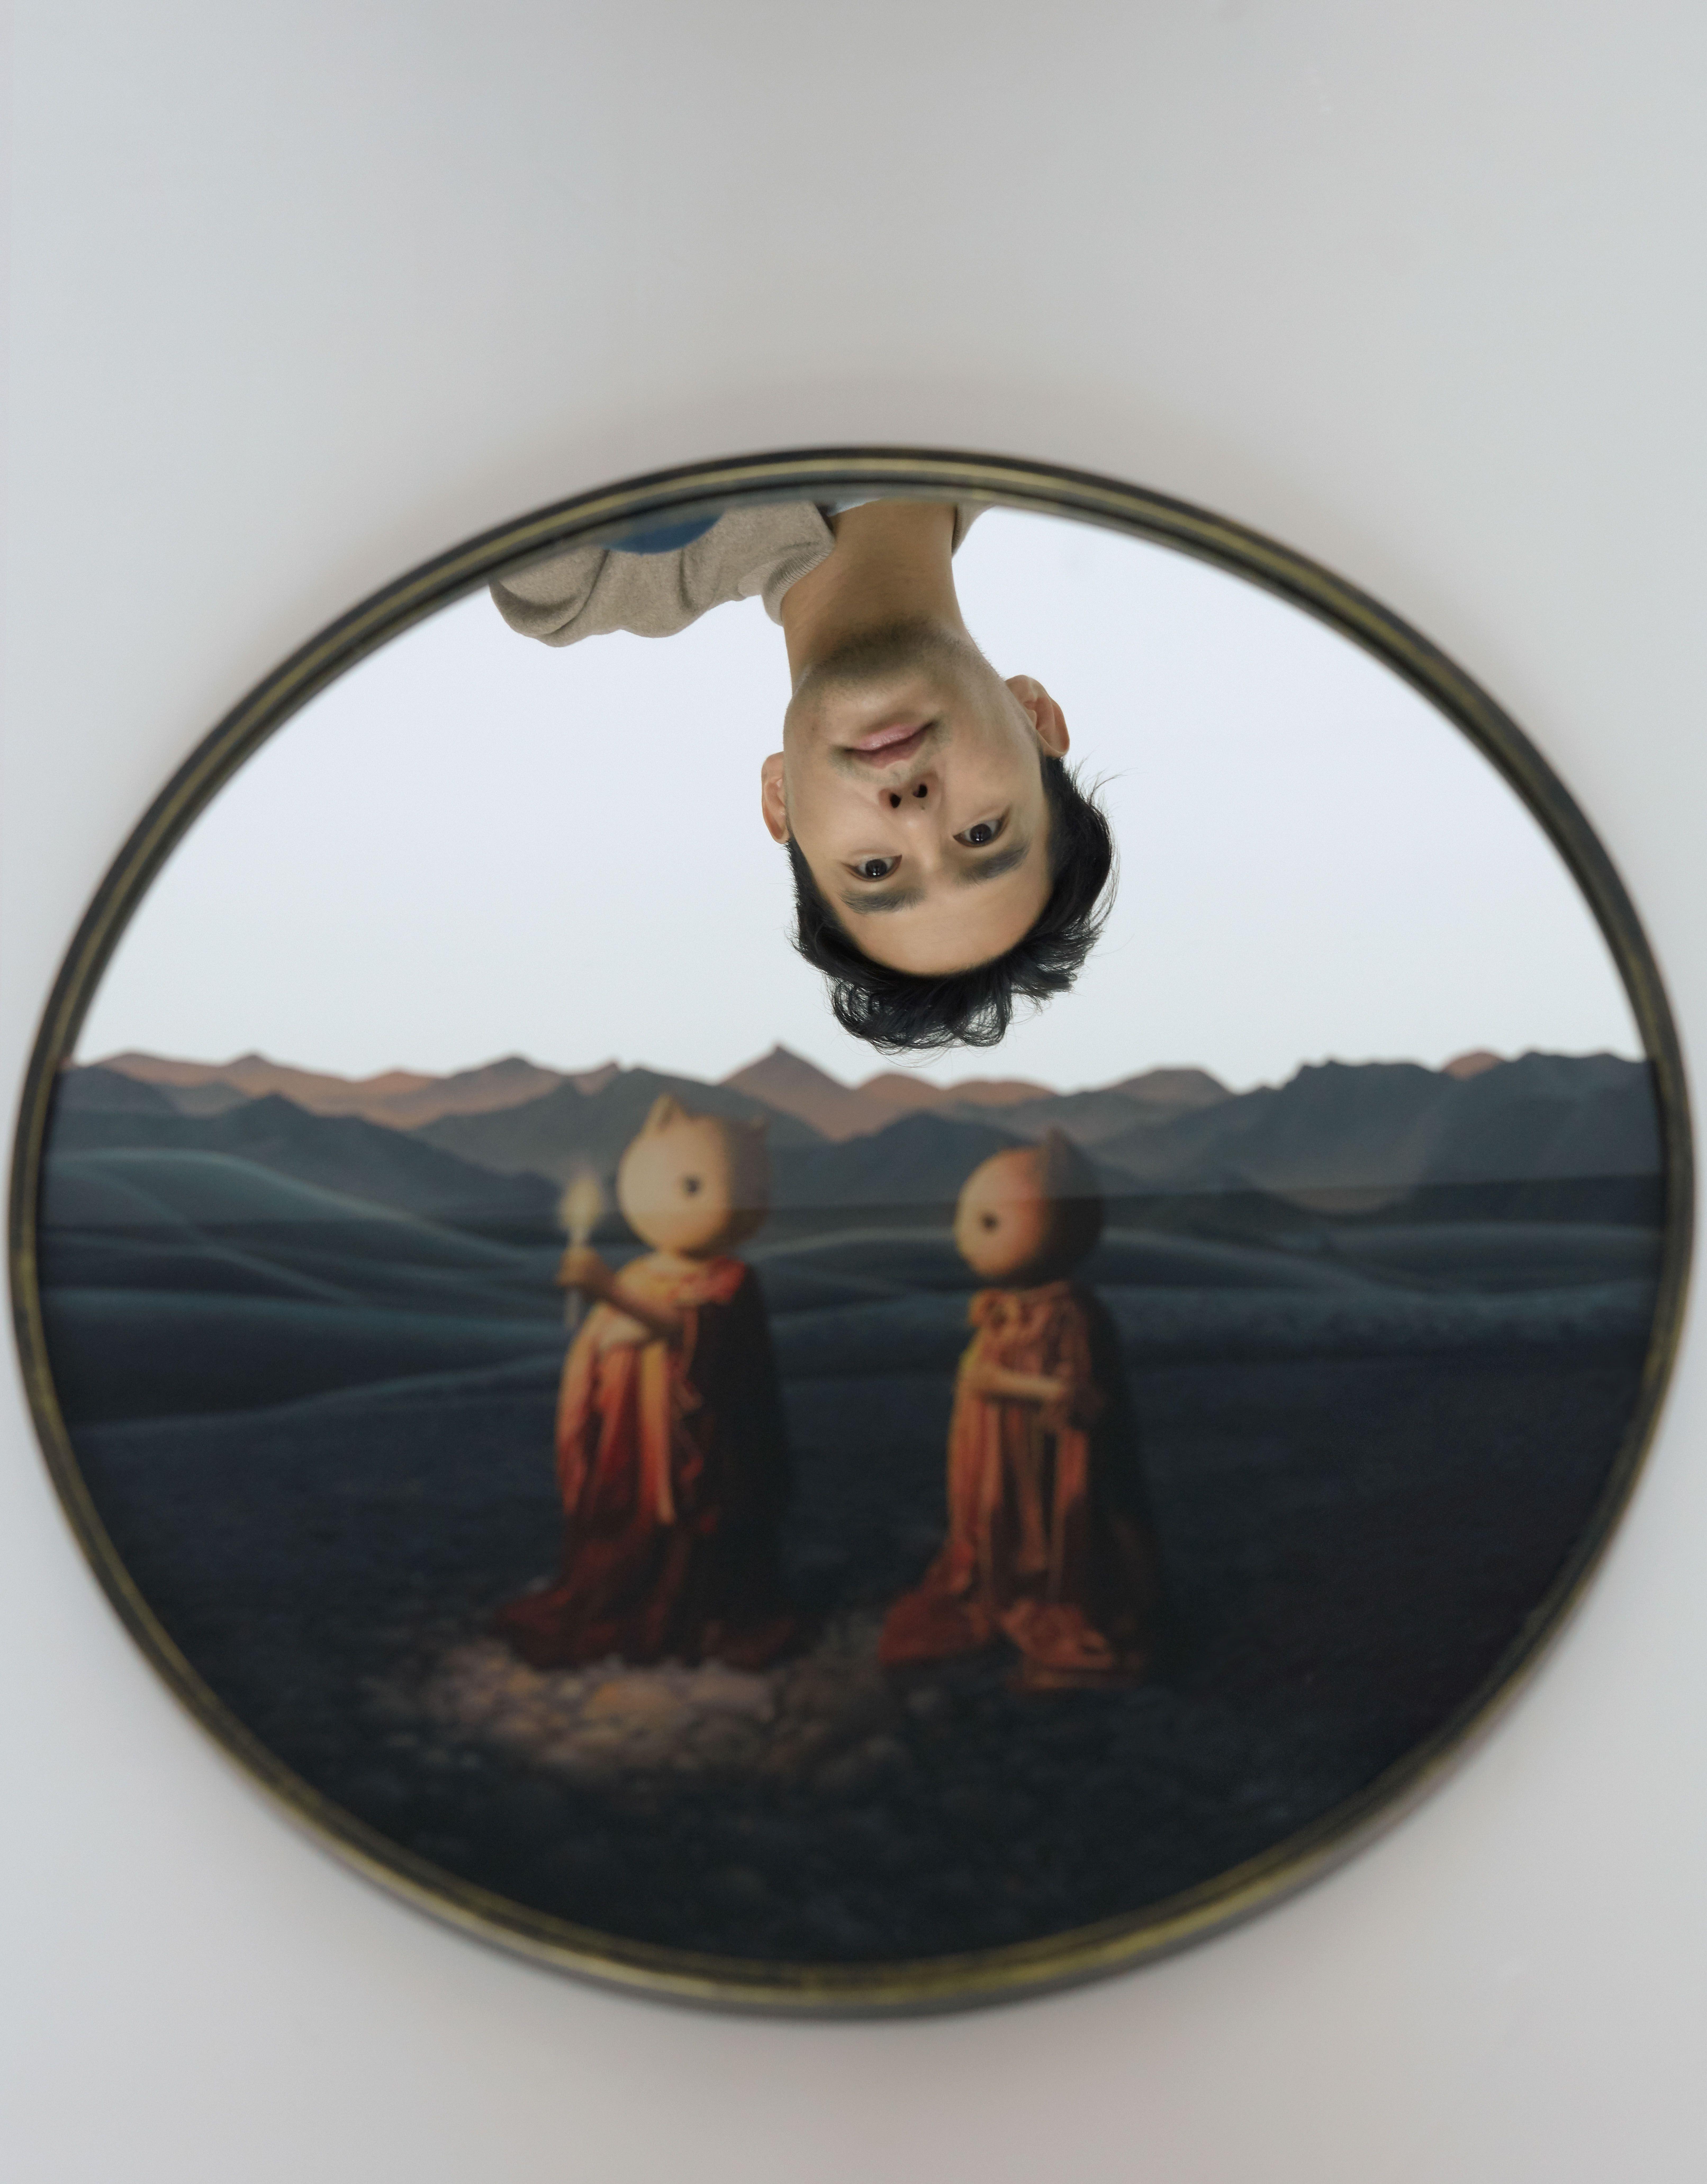 張凱,〈荒野寂寥〉x Peibo之藝術鏡。